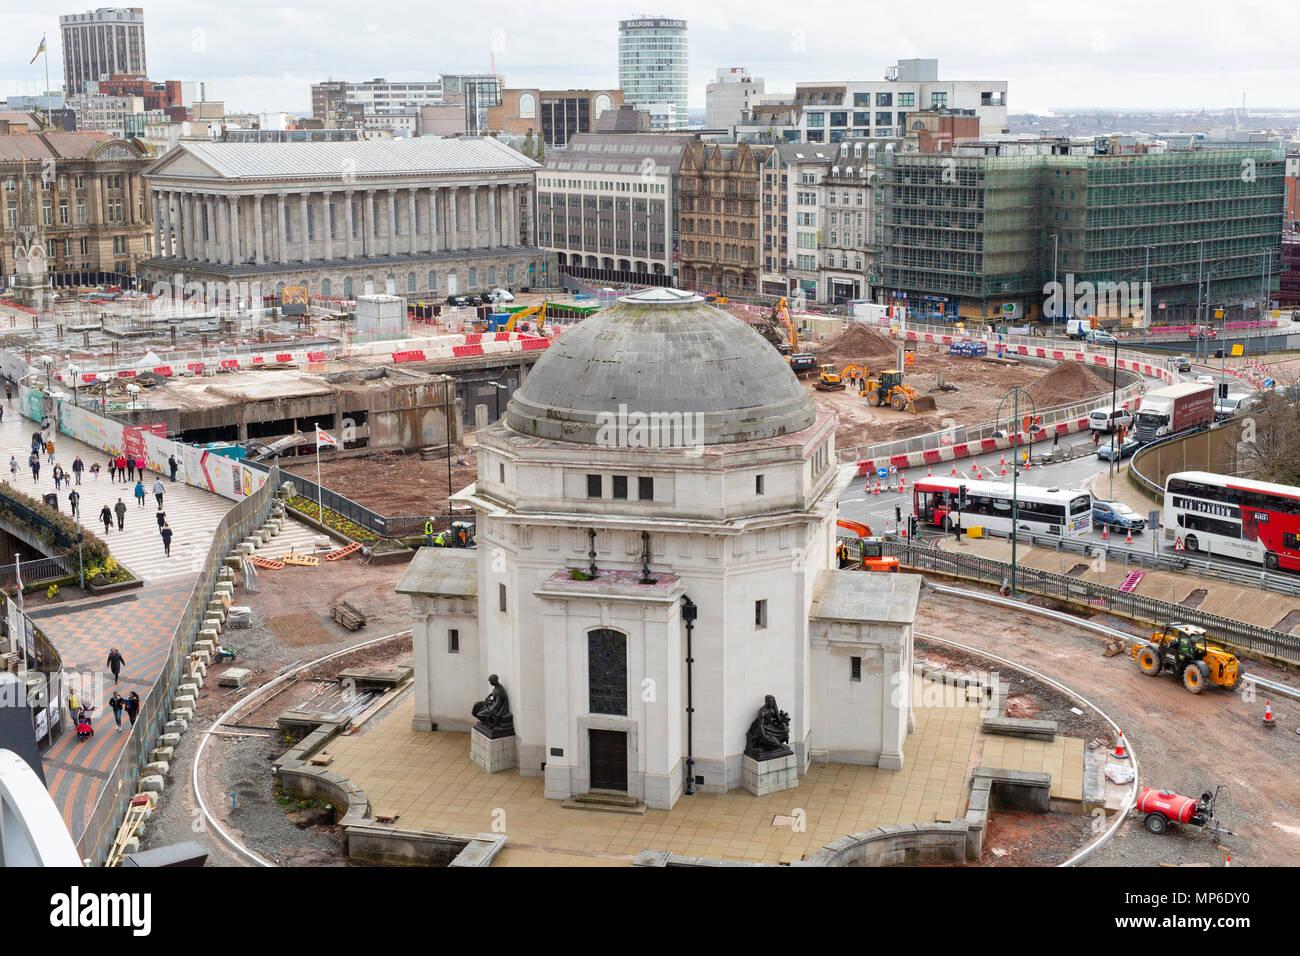 Die Bauarbeiten in der Halle der Erinnerung in den Centenary Square, Birmingham. Die Aussicht ist aus der Bibliothek von Birmingham. Stockbild